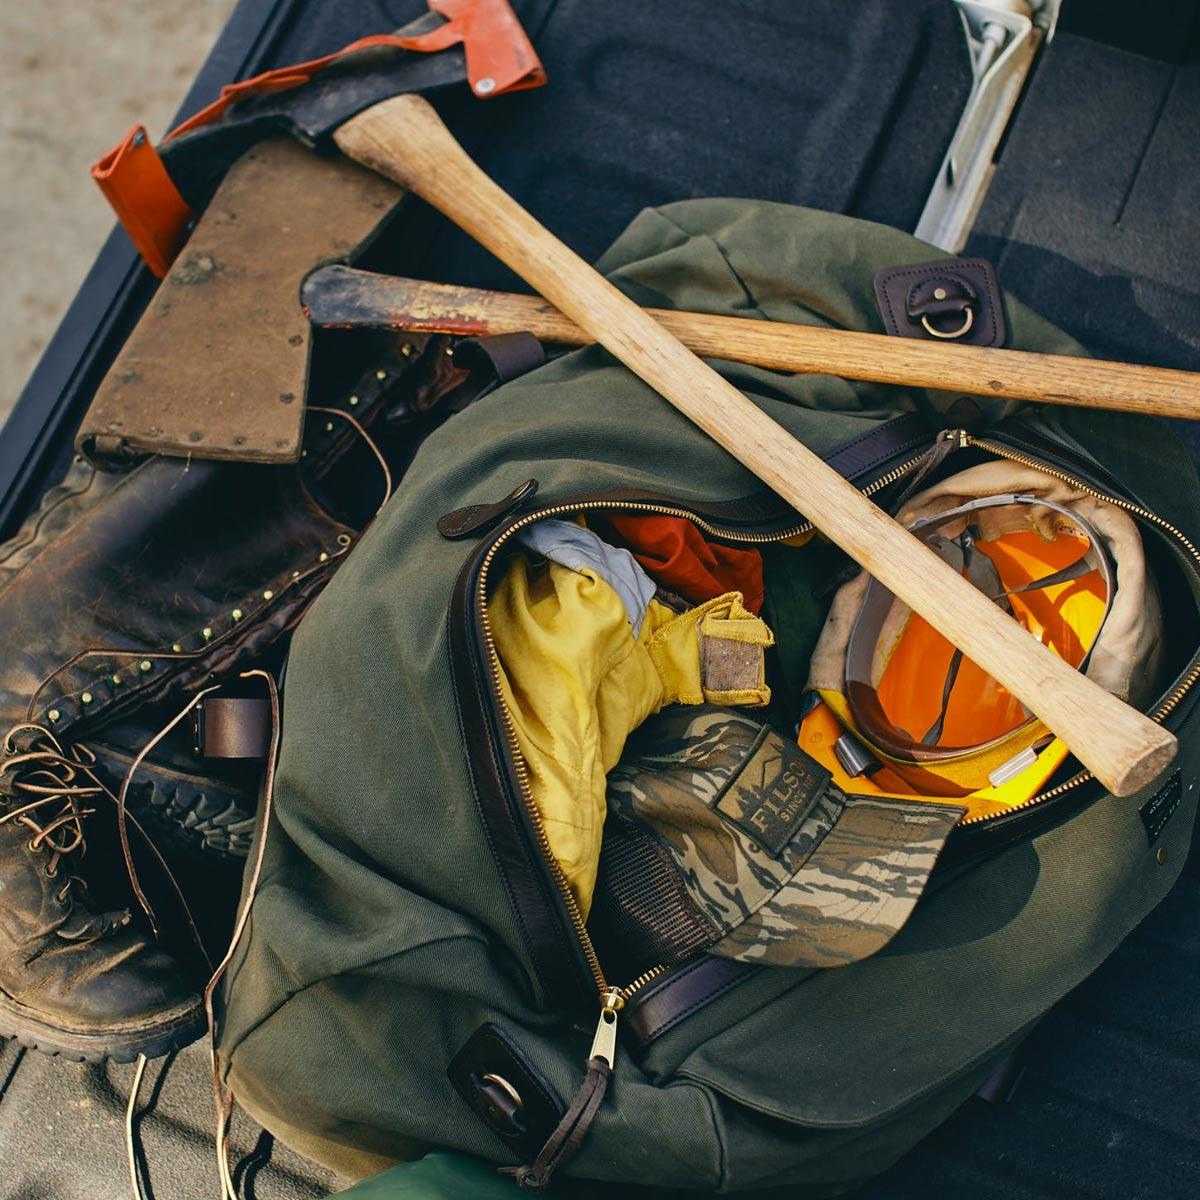 Filson Duffle Medium Otter Green, stoere duffel die voldoet aan de maximale handbagage afmetingen